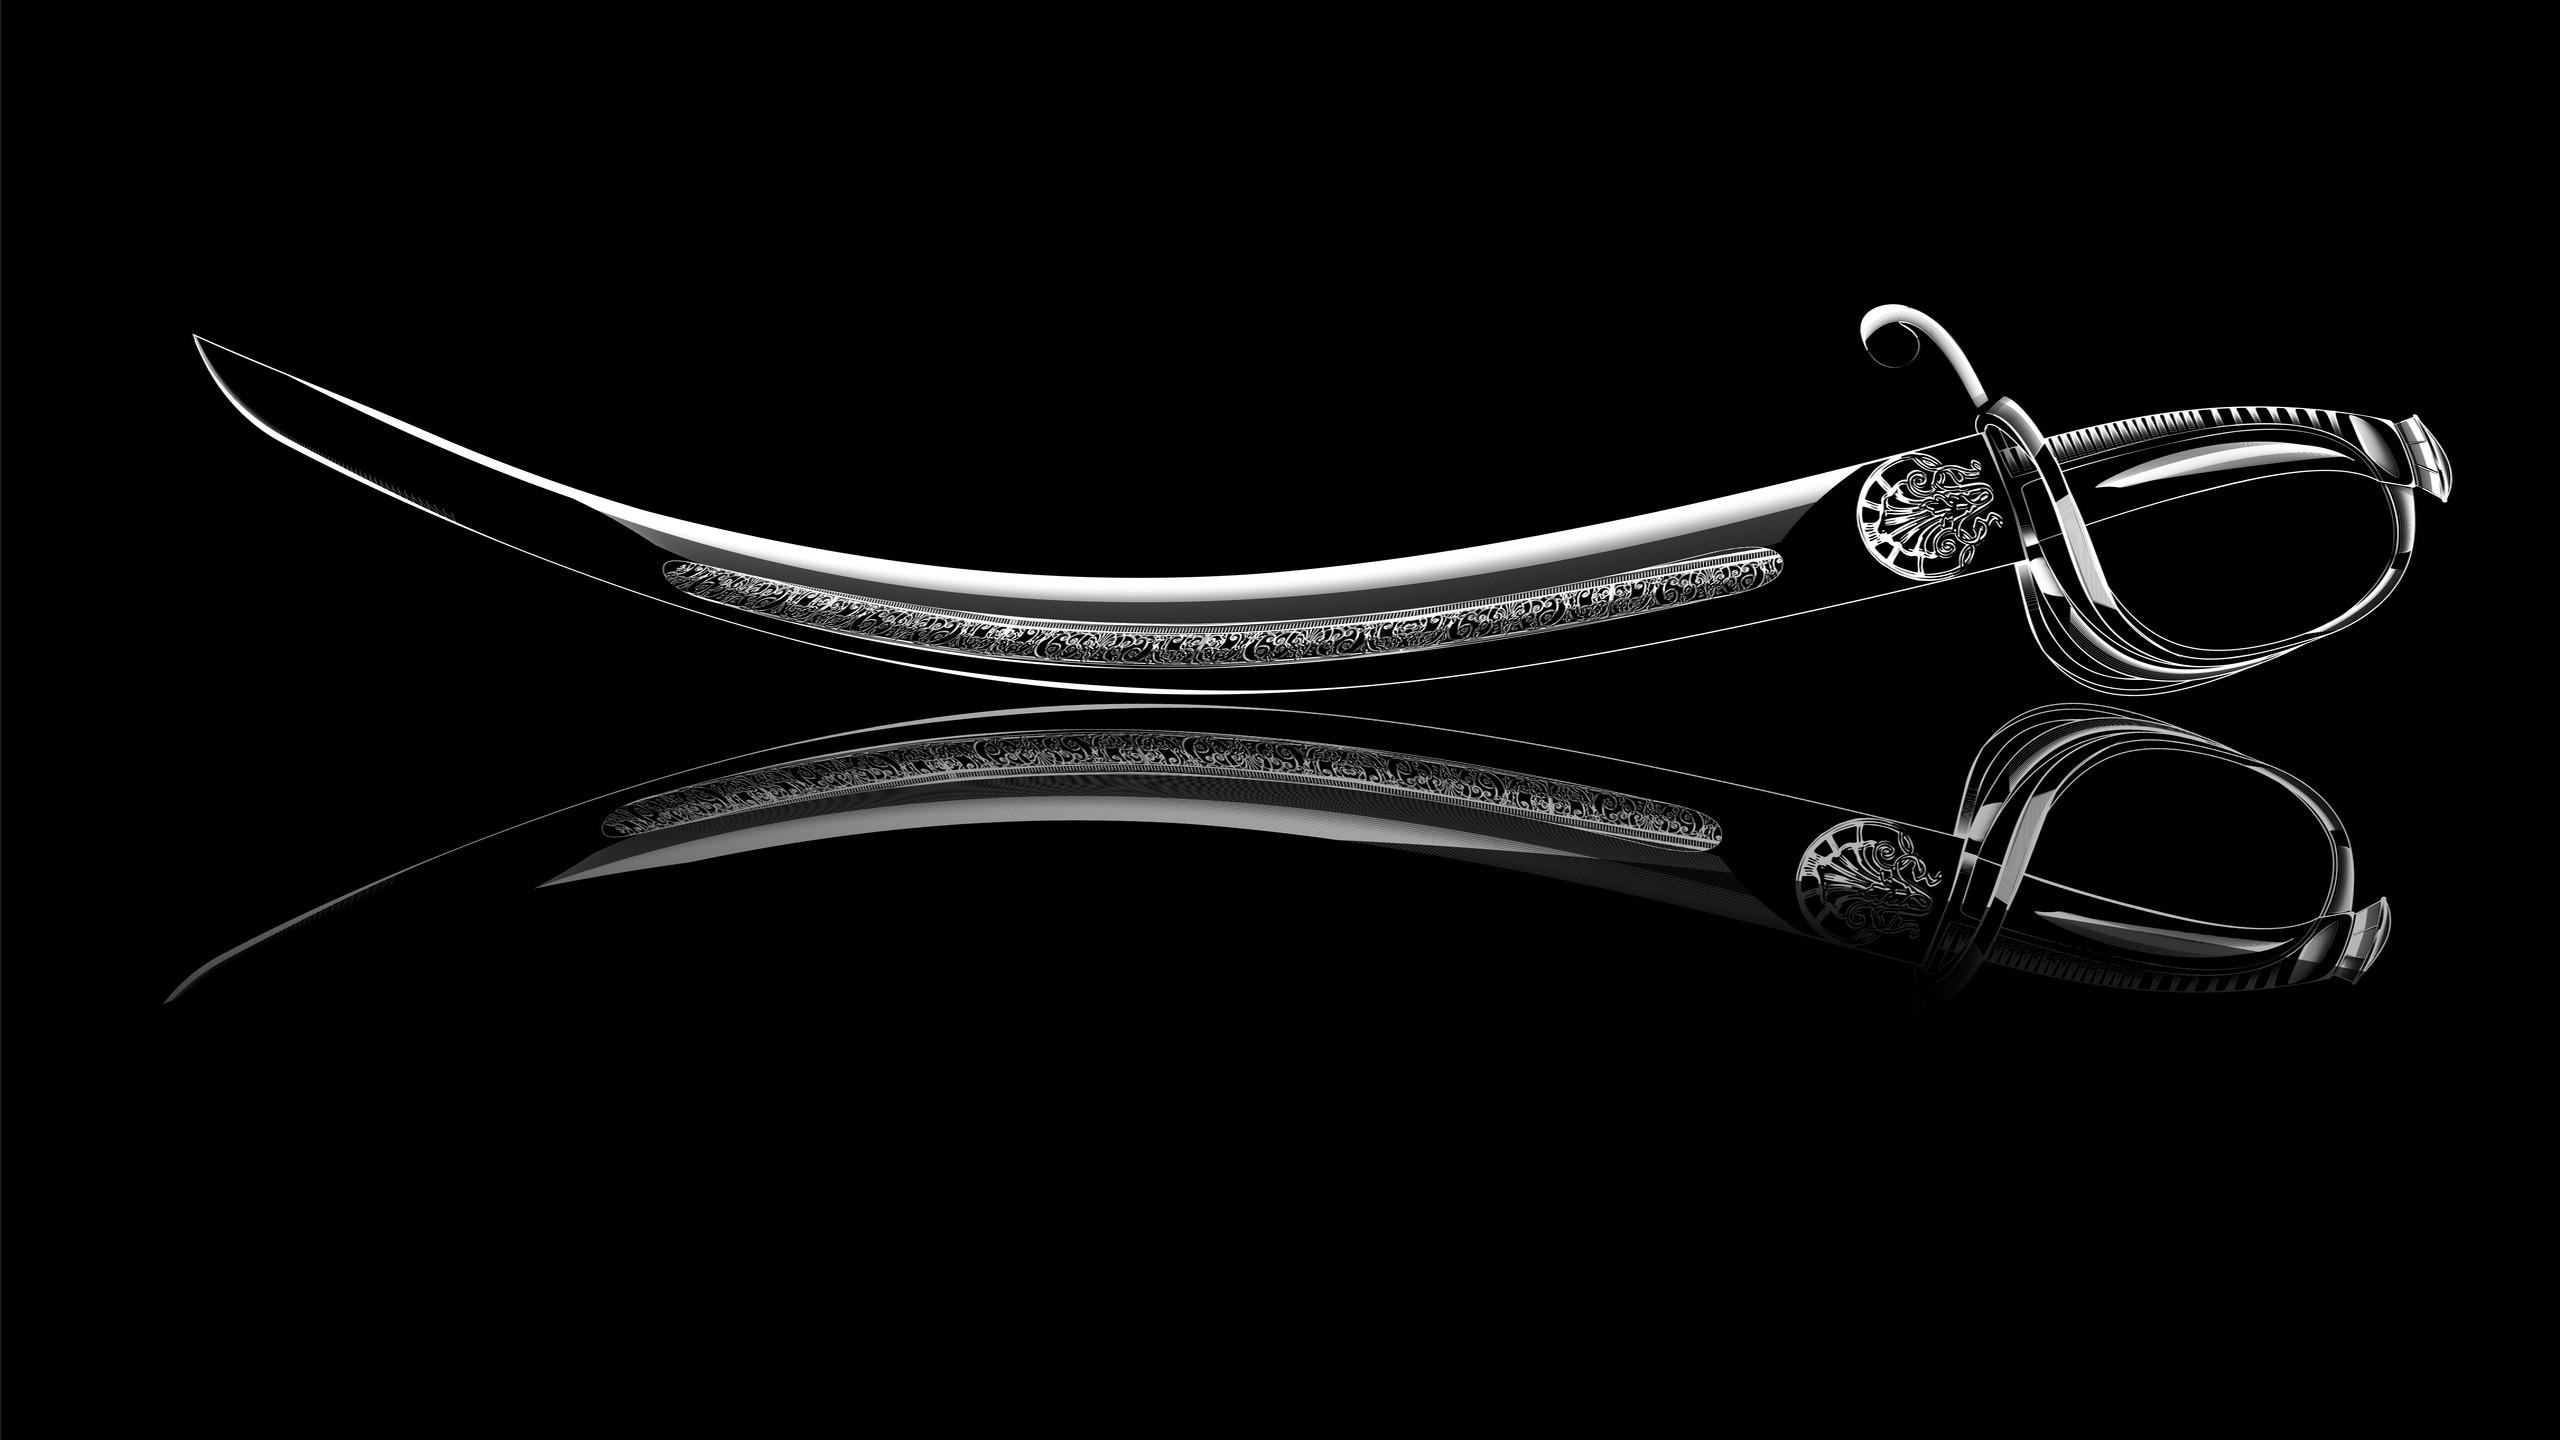 Sword 27490 2560x1440